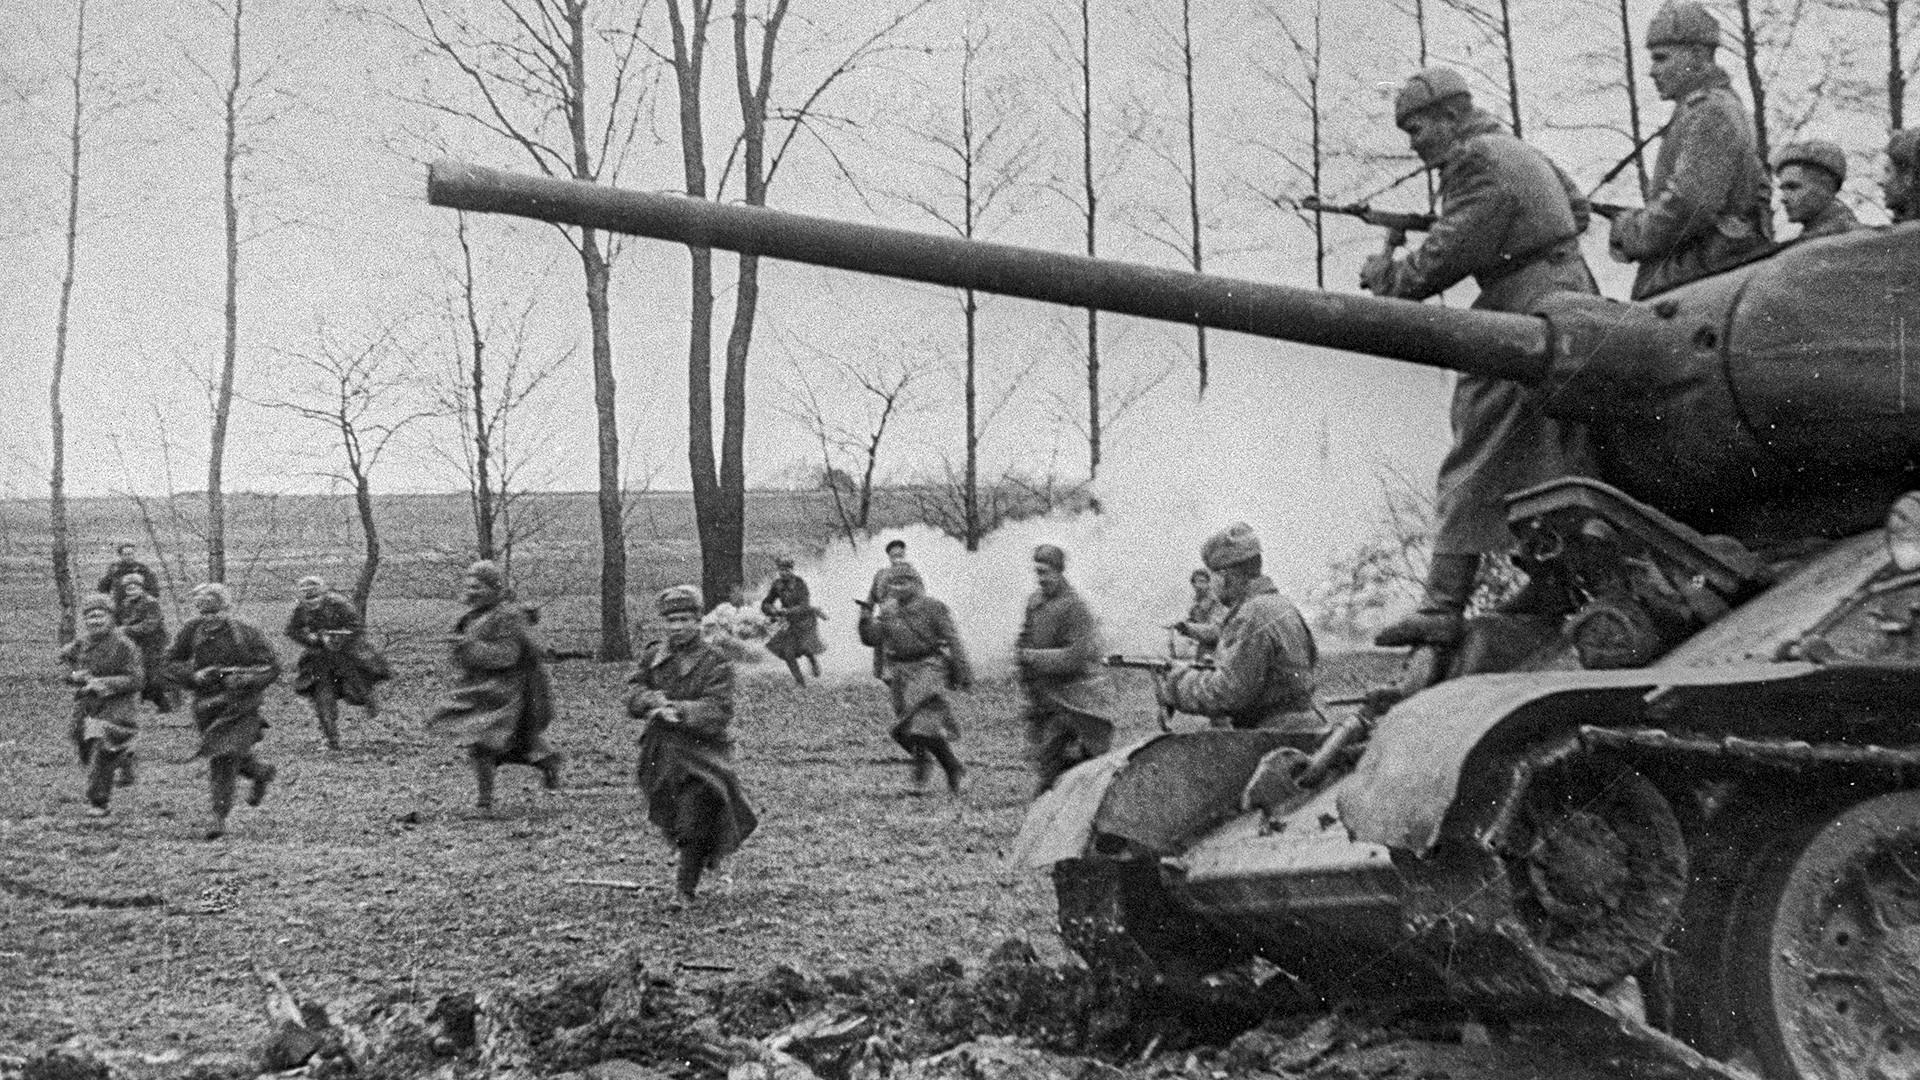 Совјетска пешадија и тенкови јуришају на немачке позиције. Мађарска.